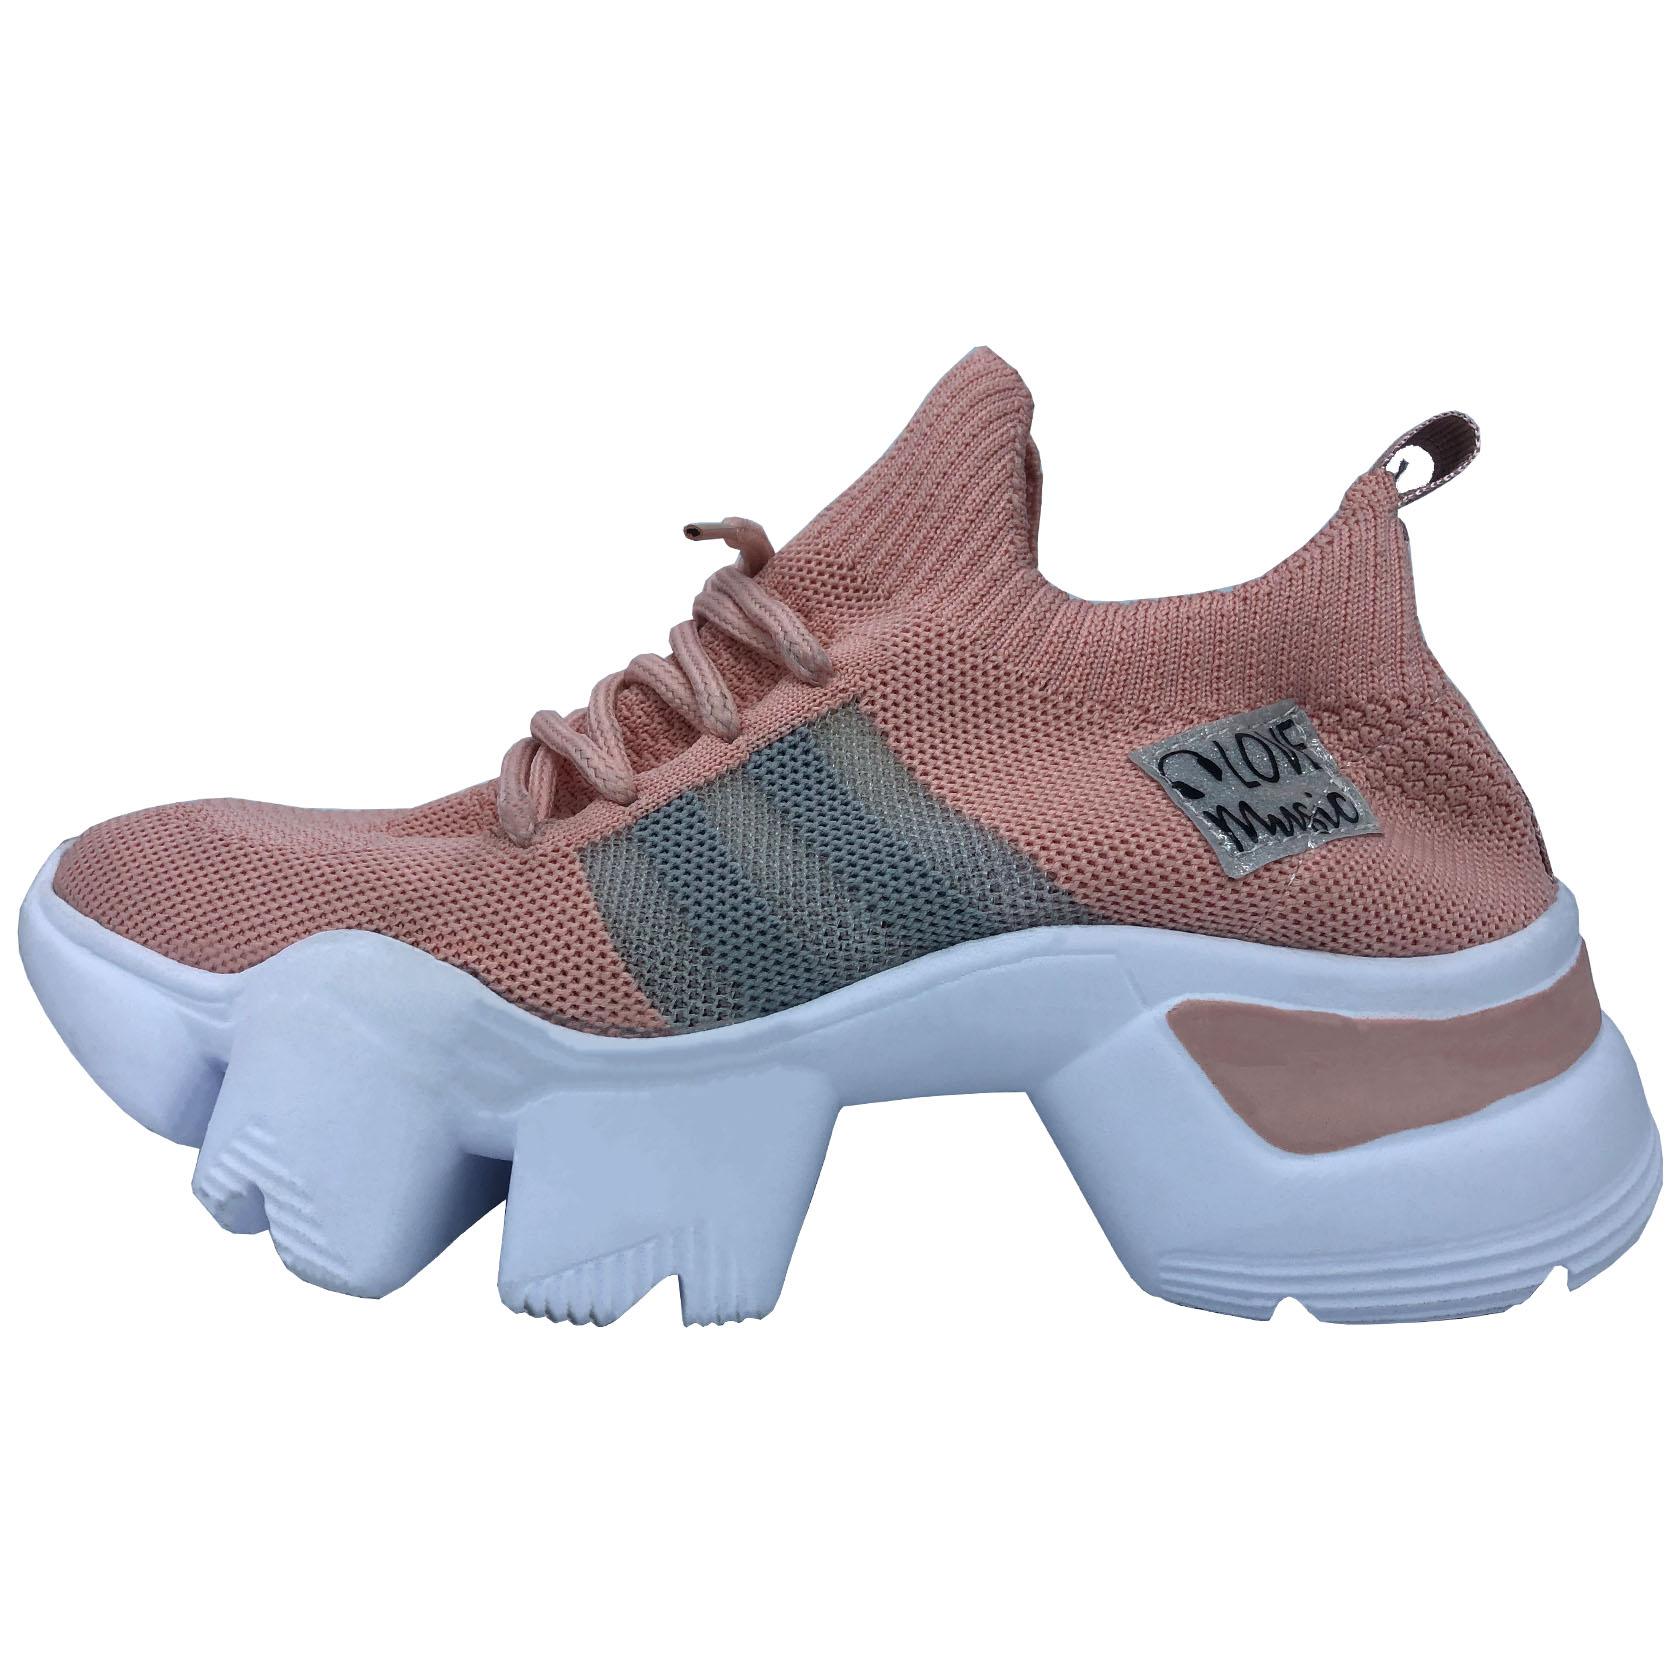 کفش پیاده روی زنانه سعیدی مدل Sa 226